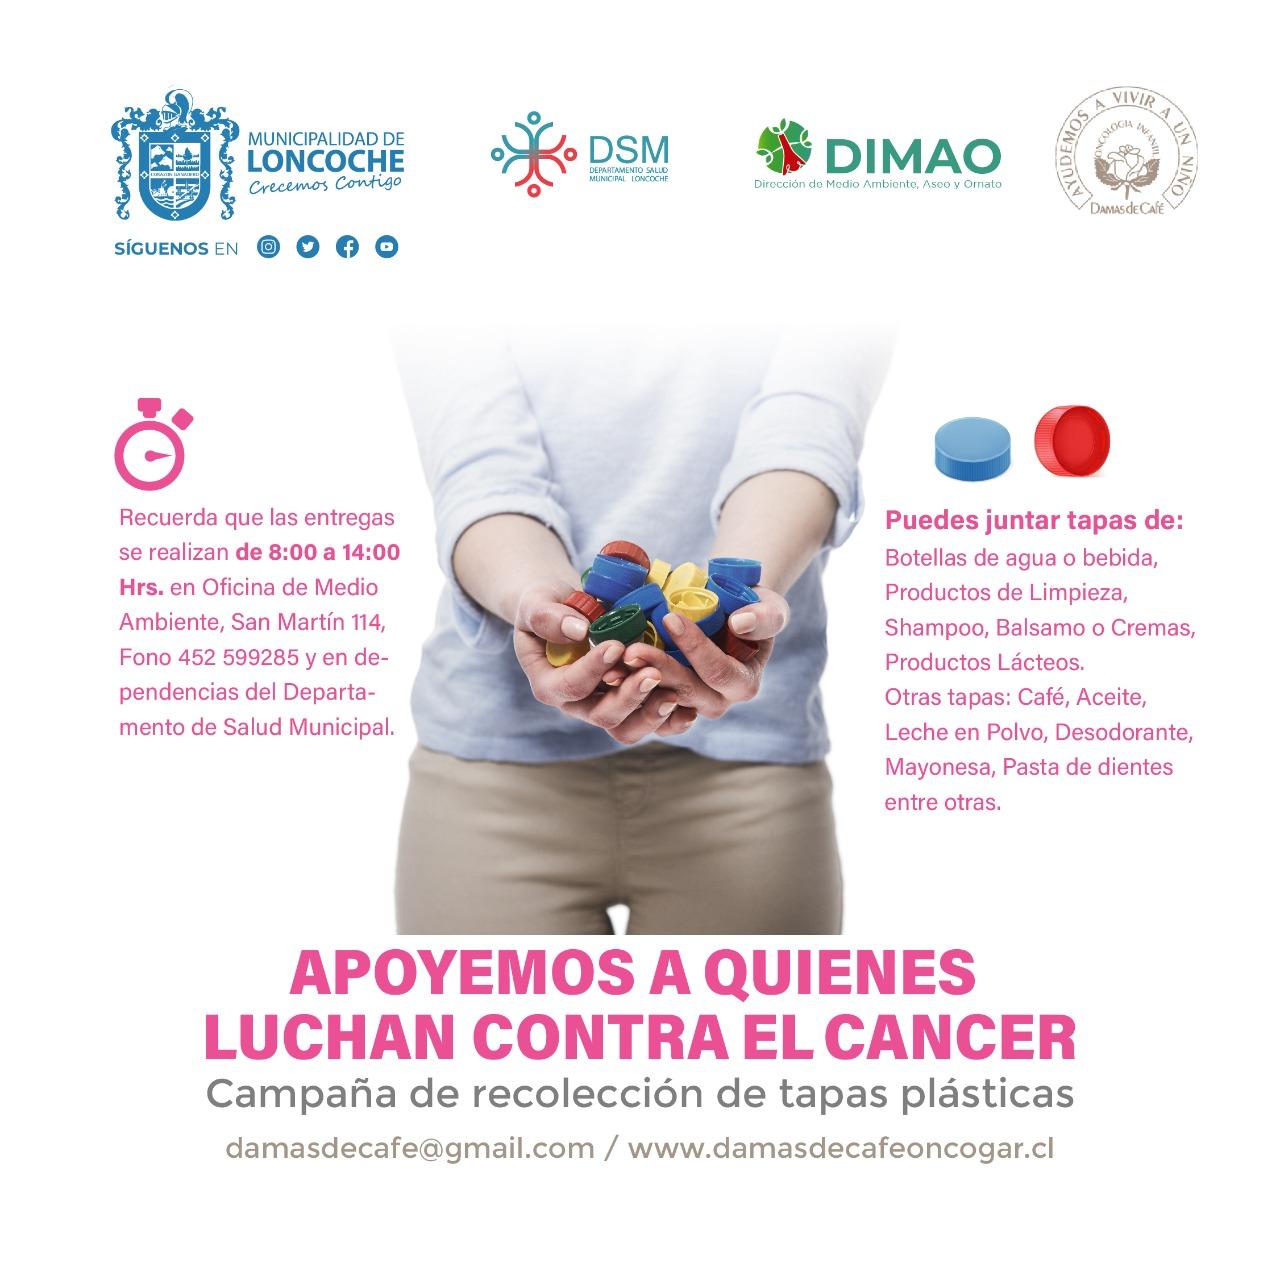 ¡APOYEMOS A QUIENES LUCHAN CONTRA EL CANCER!